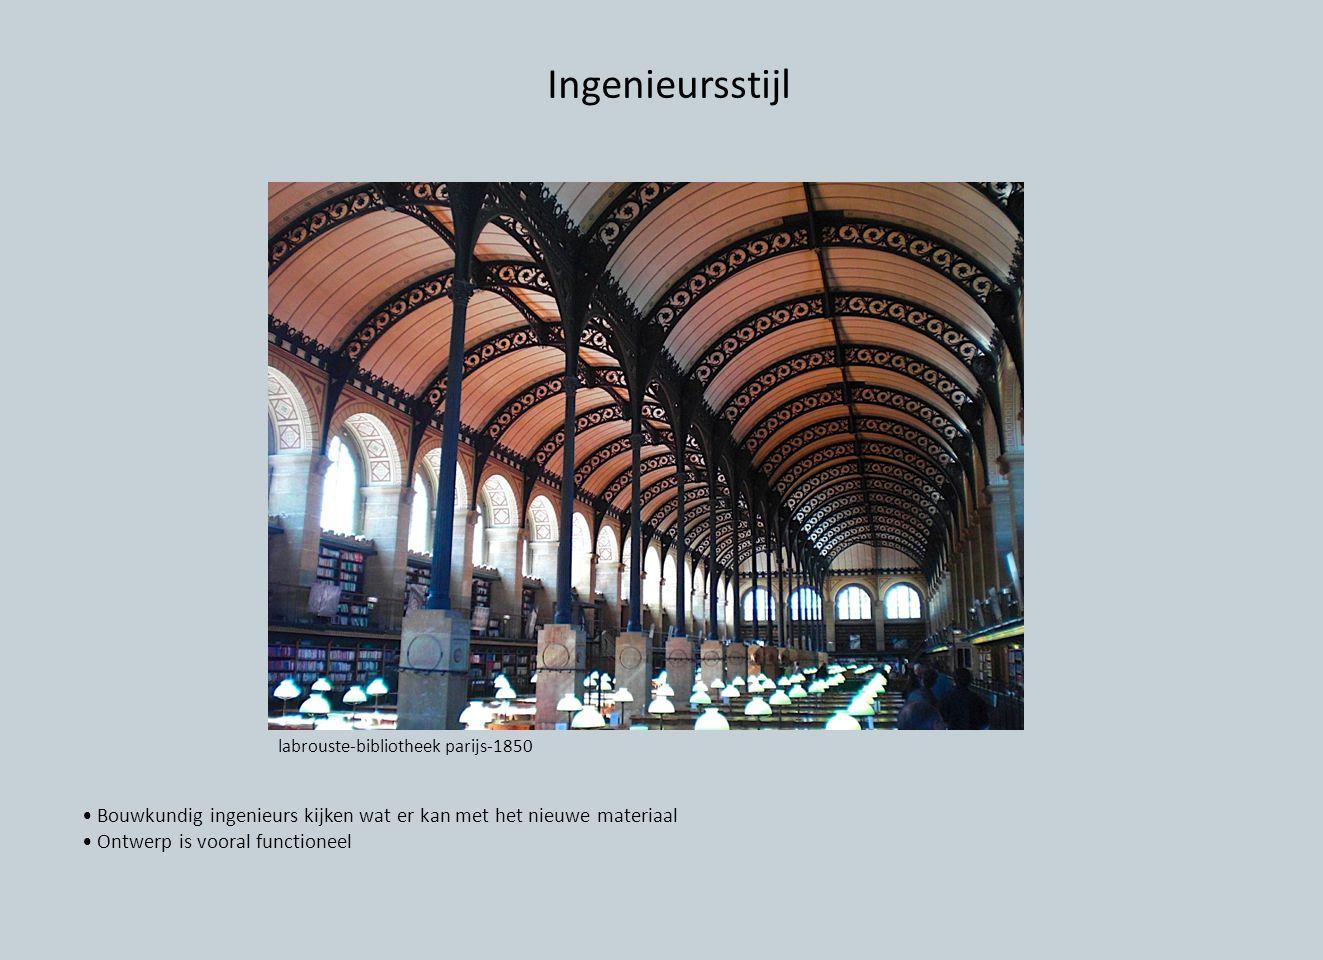 Ingenieursstijl labrouste-bibliotheek parijs-1850. • Bouwkundig ingenieurs kijken wat er kan met het nieuwe materiaal.